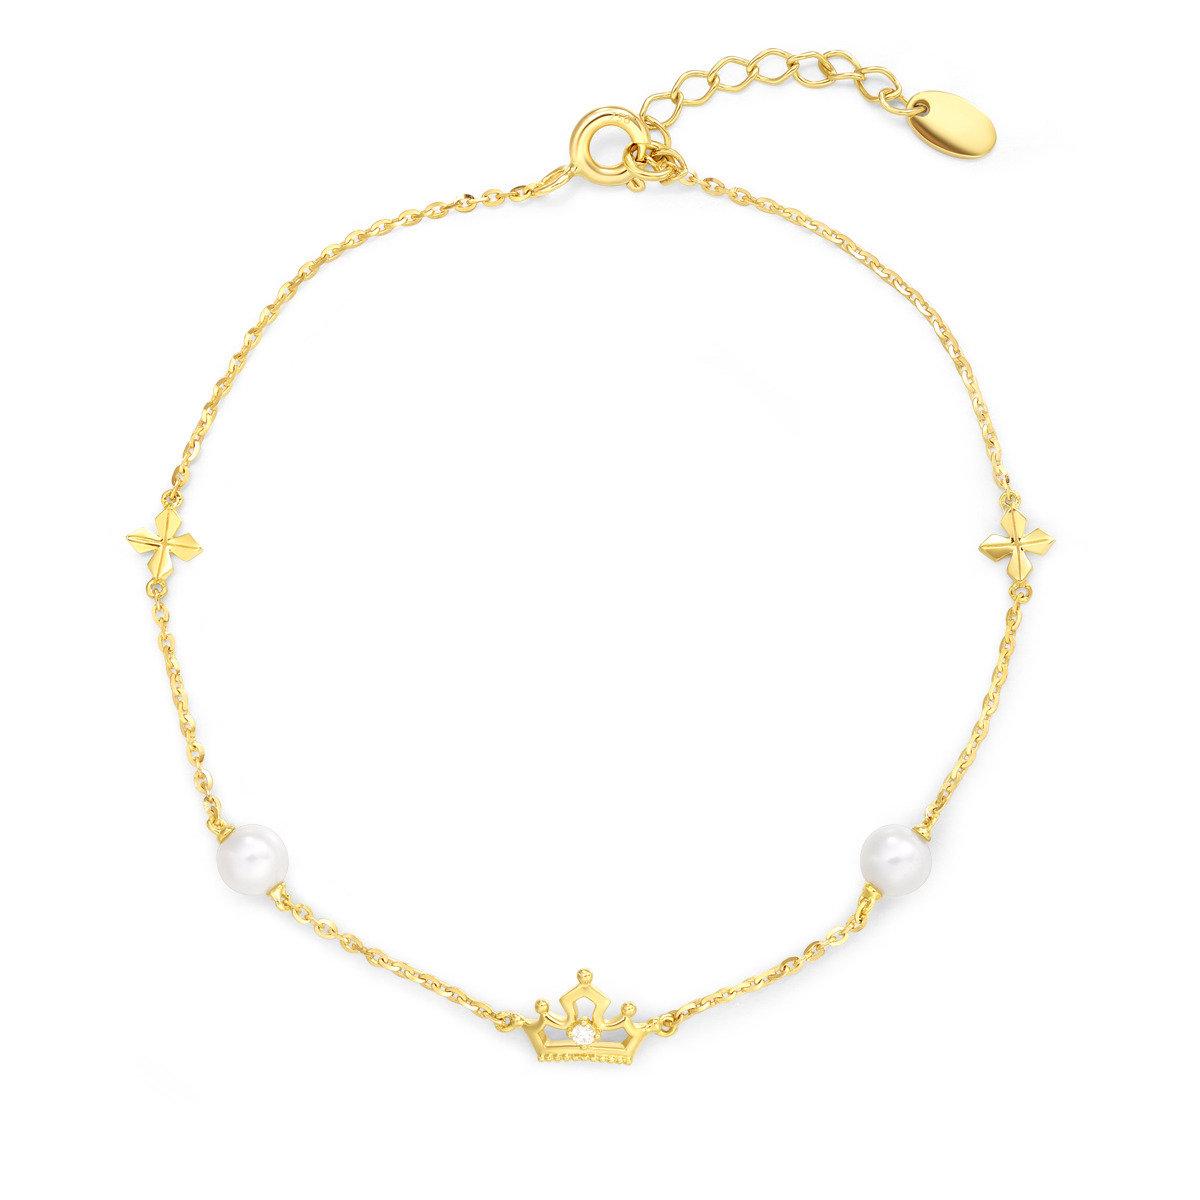 迪士尼公主系列18K/750黃金淡水養殖珍珠手鍊